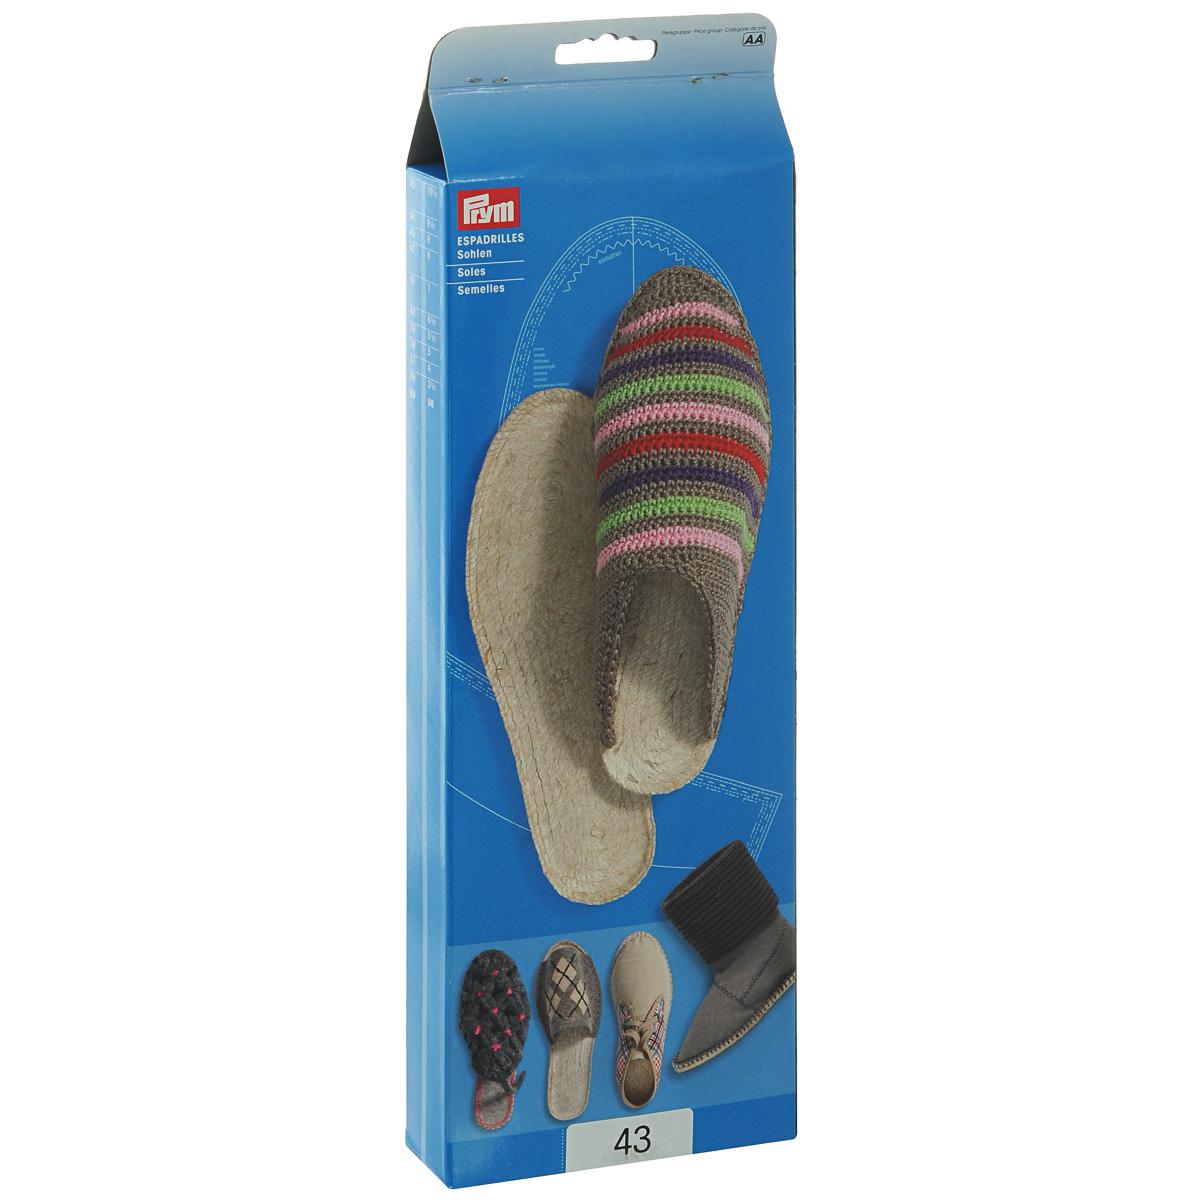 Подошвы для изготовления эспадрилий Prym, размер 43, 1 пара975107Набор Prym состоит из двух подошв 43 размера, изготовленных из резины и джута. Изделия предназначаются для изготовления эспадрилий. В комплекте имеется выкройка. Эспадрильи - это матерчатые тапочки на веревочной подошве, которые носятся на босу ногу. Их носят и мужчины, и женщины. Создайте своими руками такую обувь, которой ни у кого другого не будет! Размер подошв: 43. Материал: резина, джут.